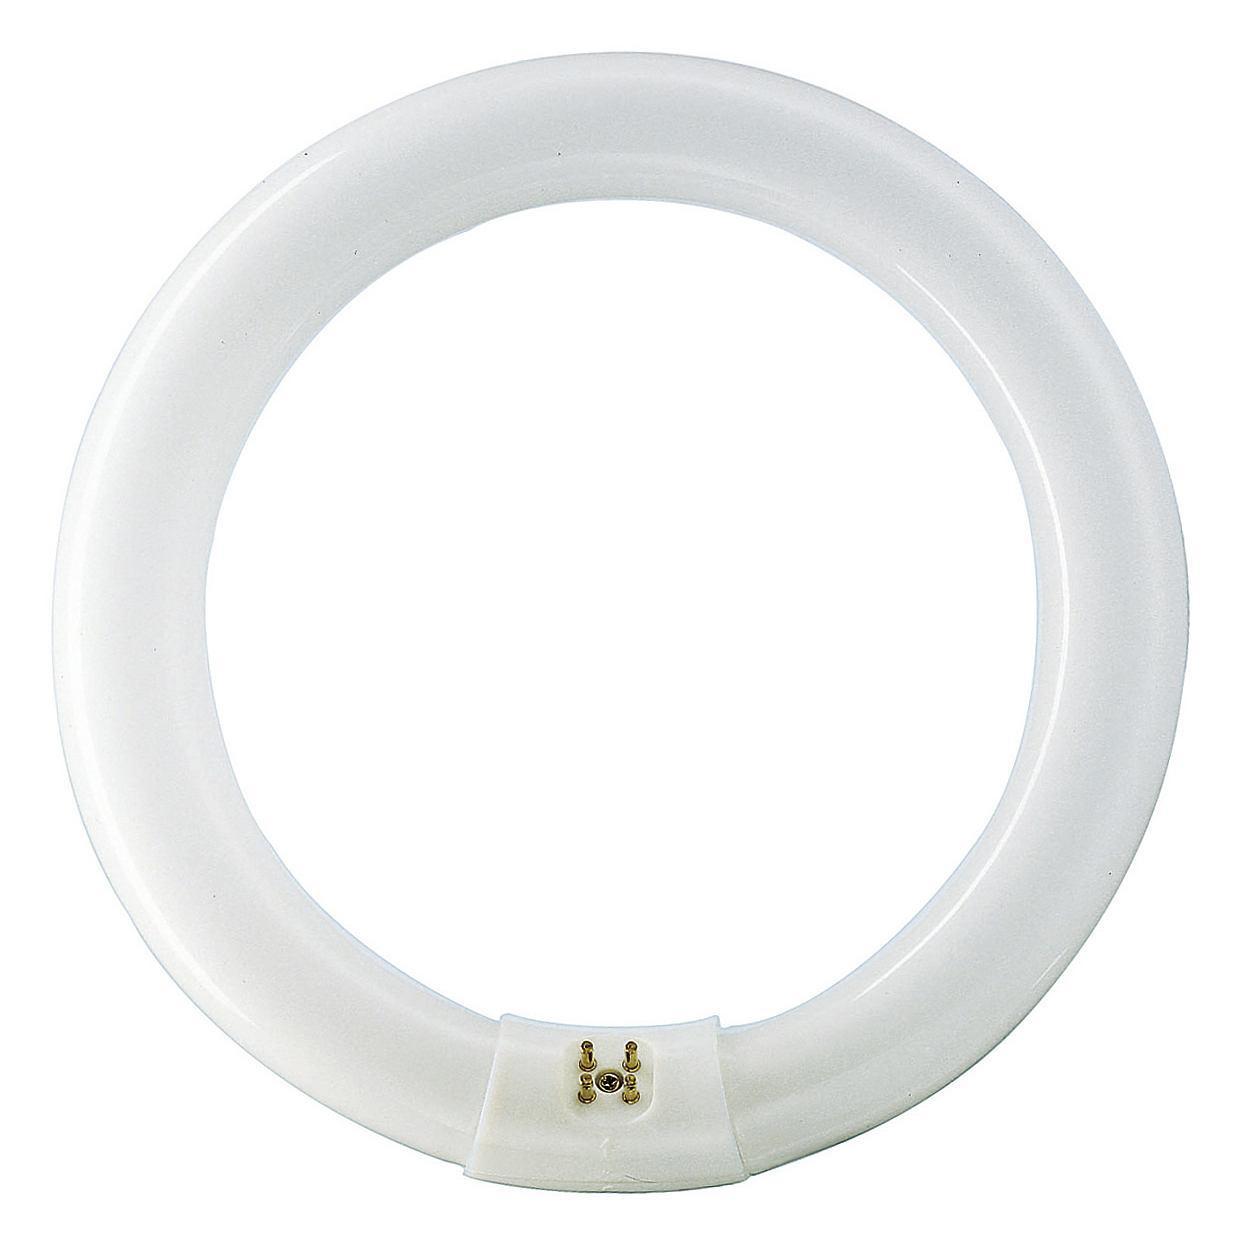 Лампа круглая 32W